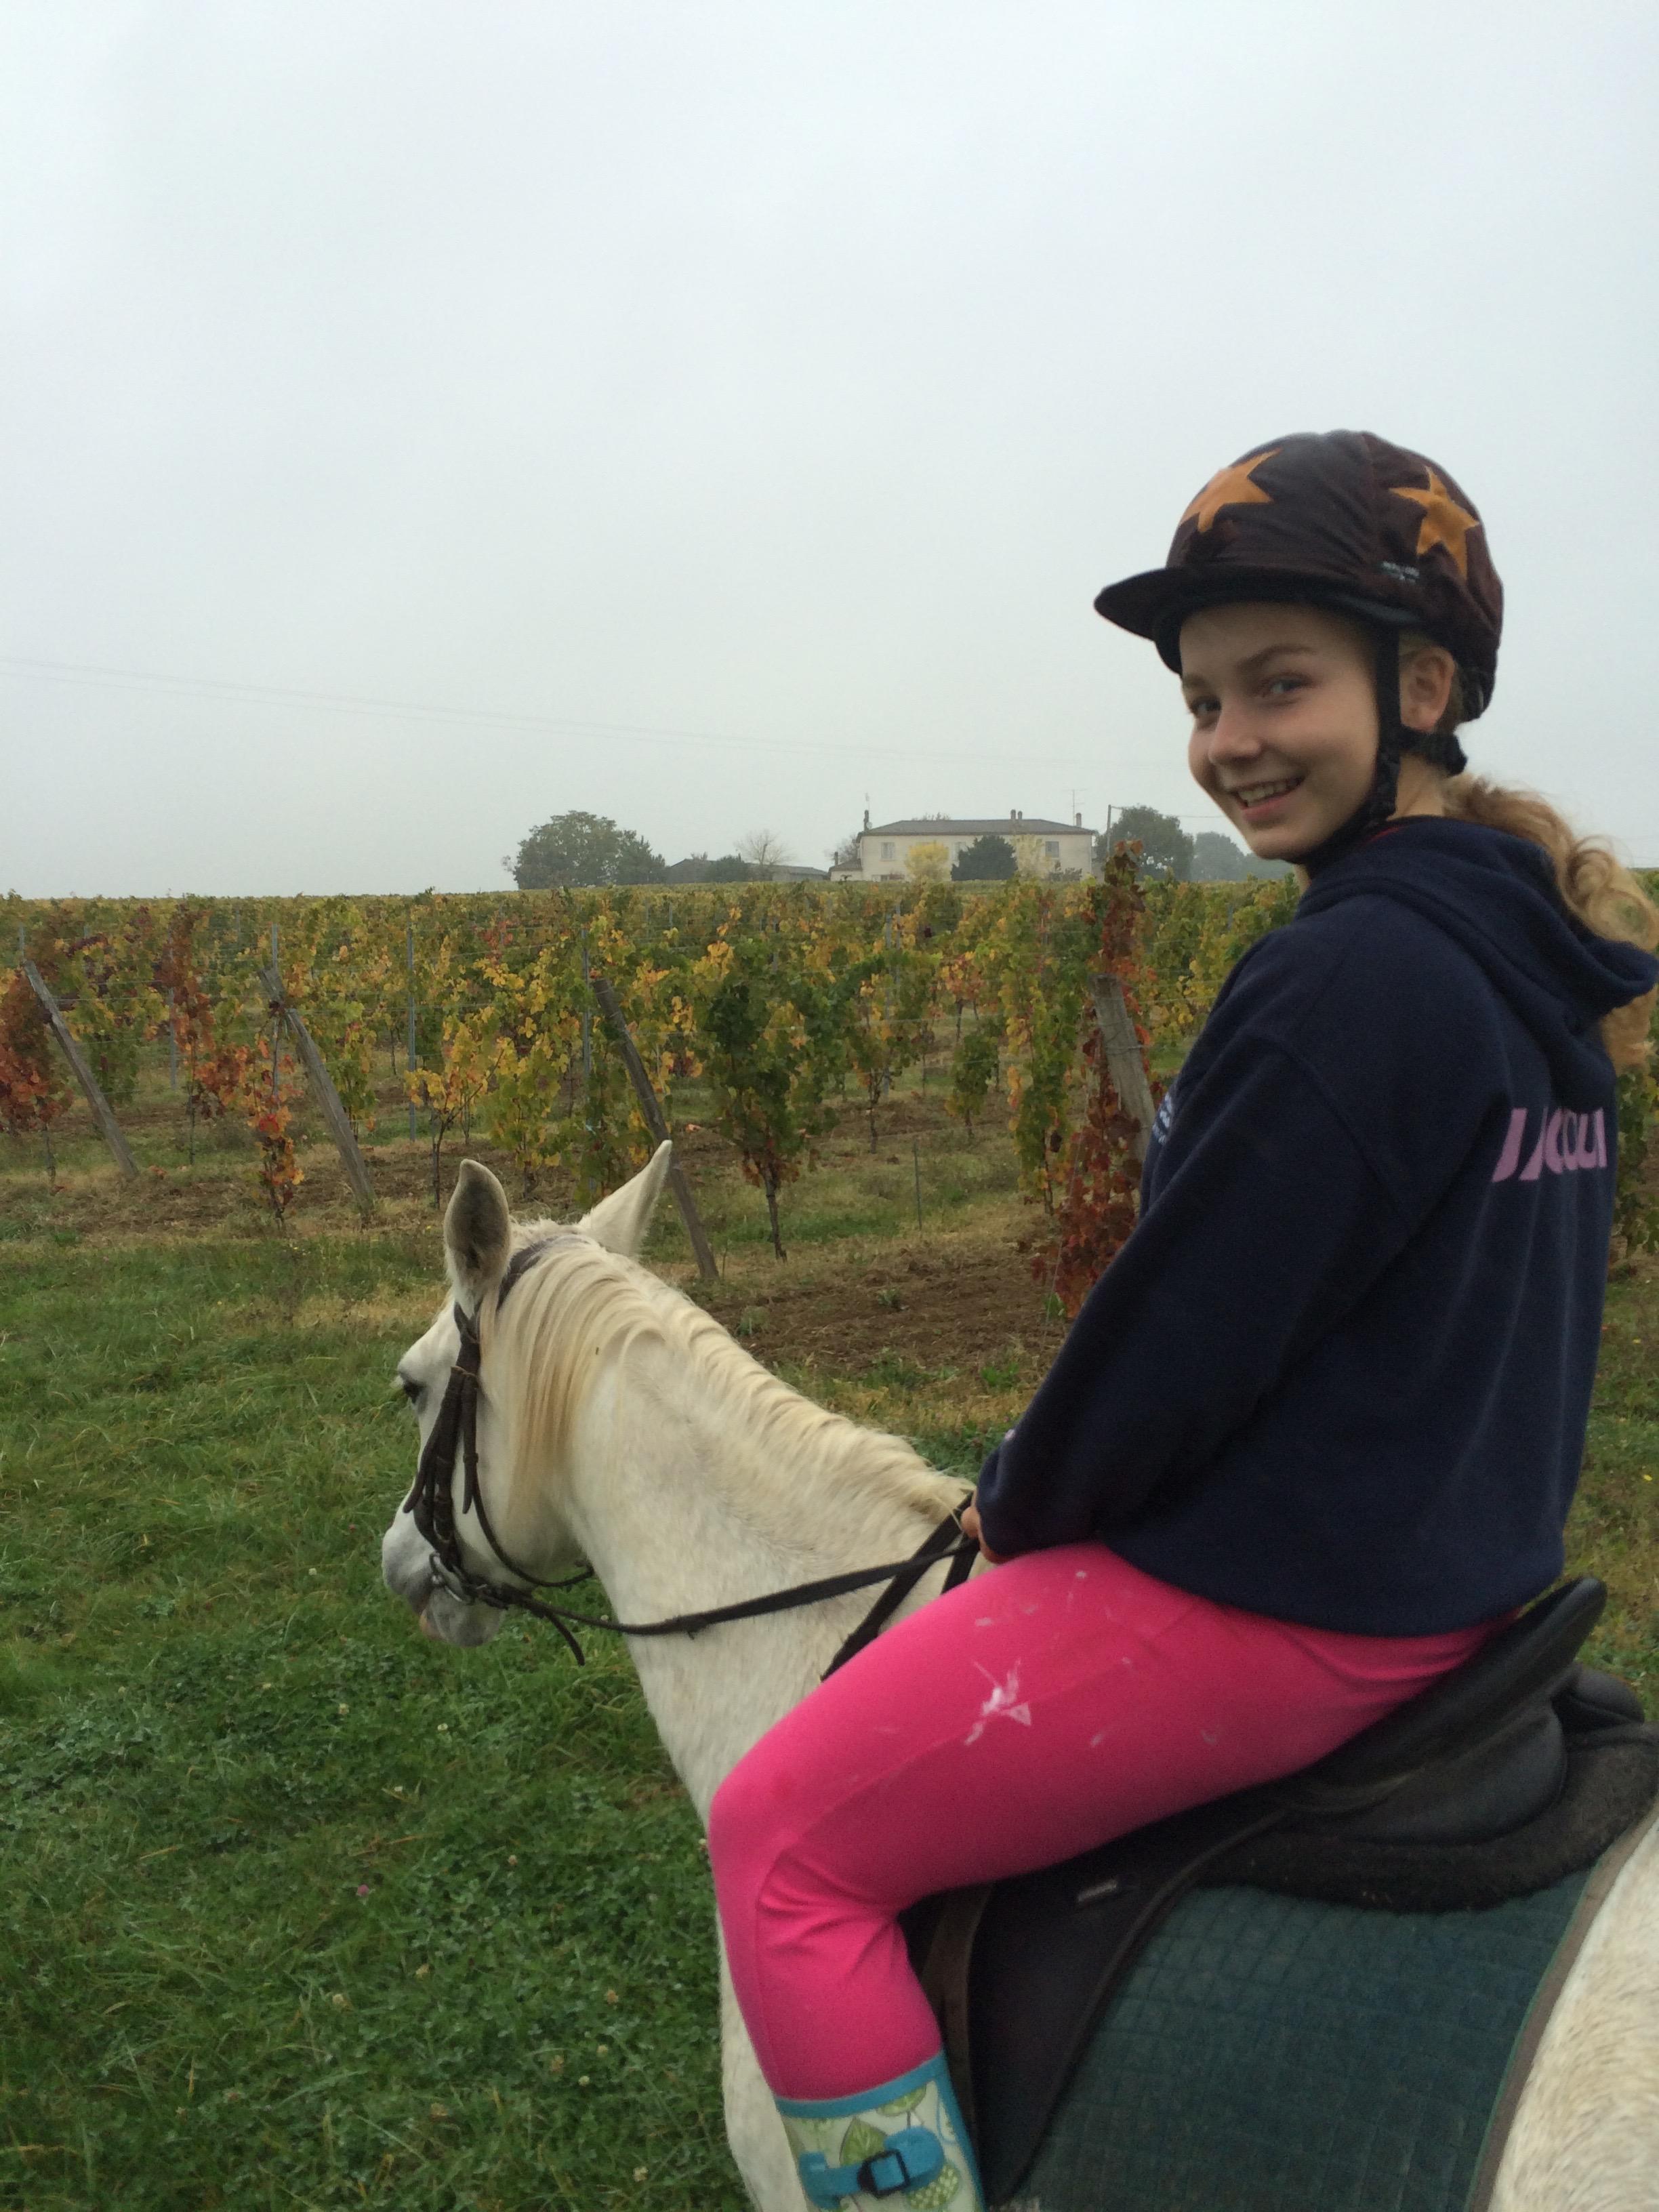 Horse riding Les Galineaux